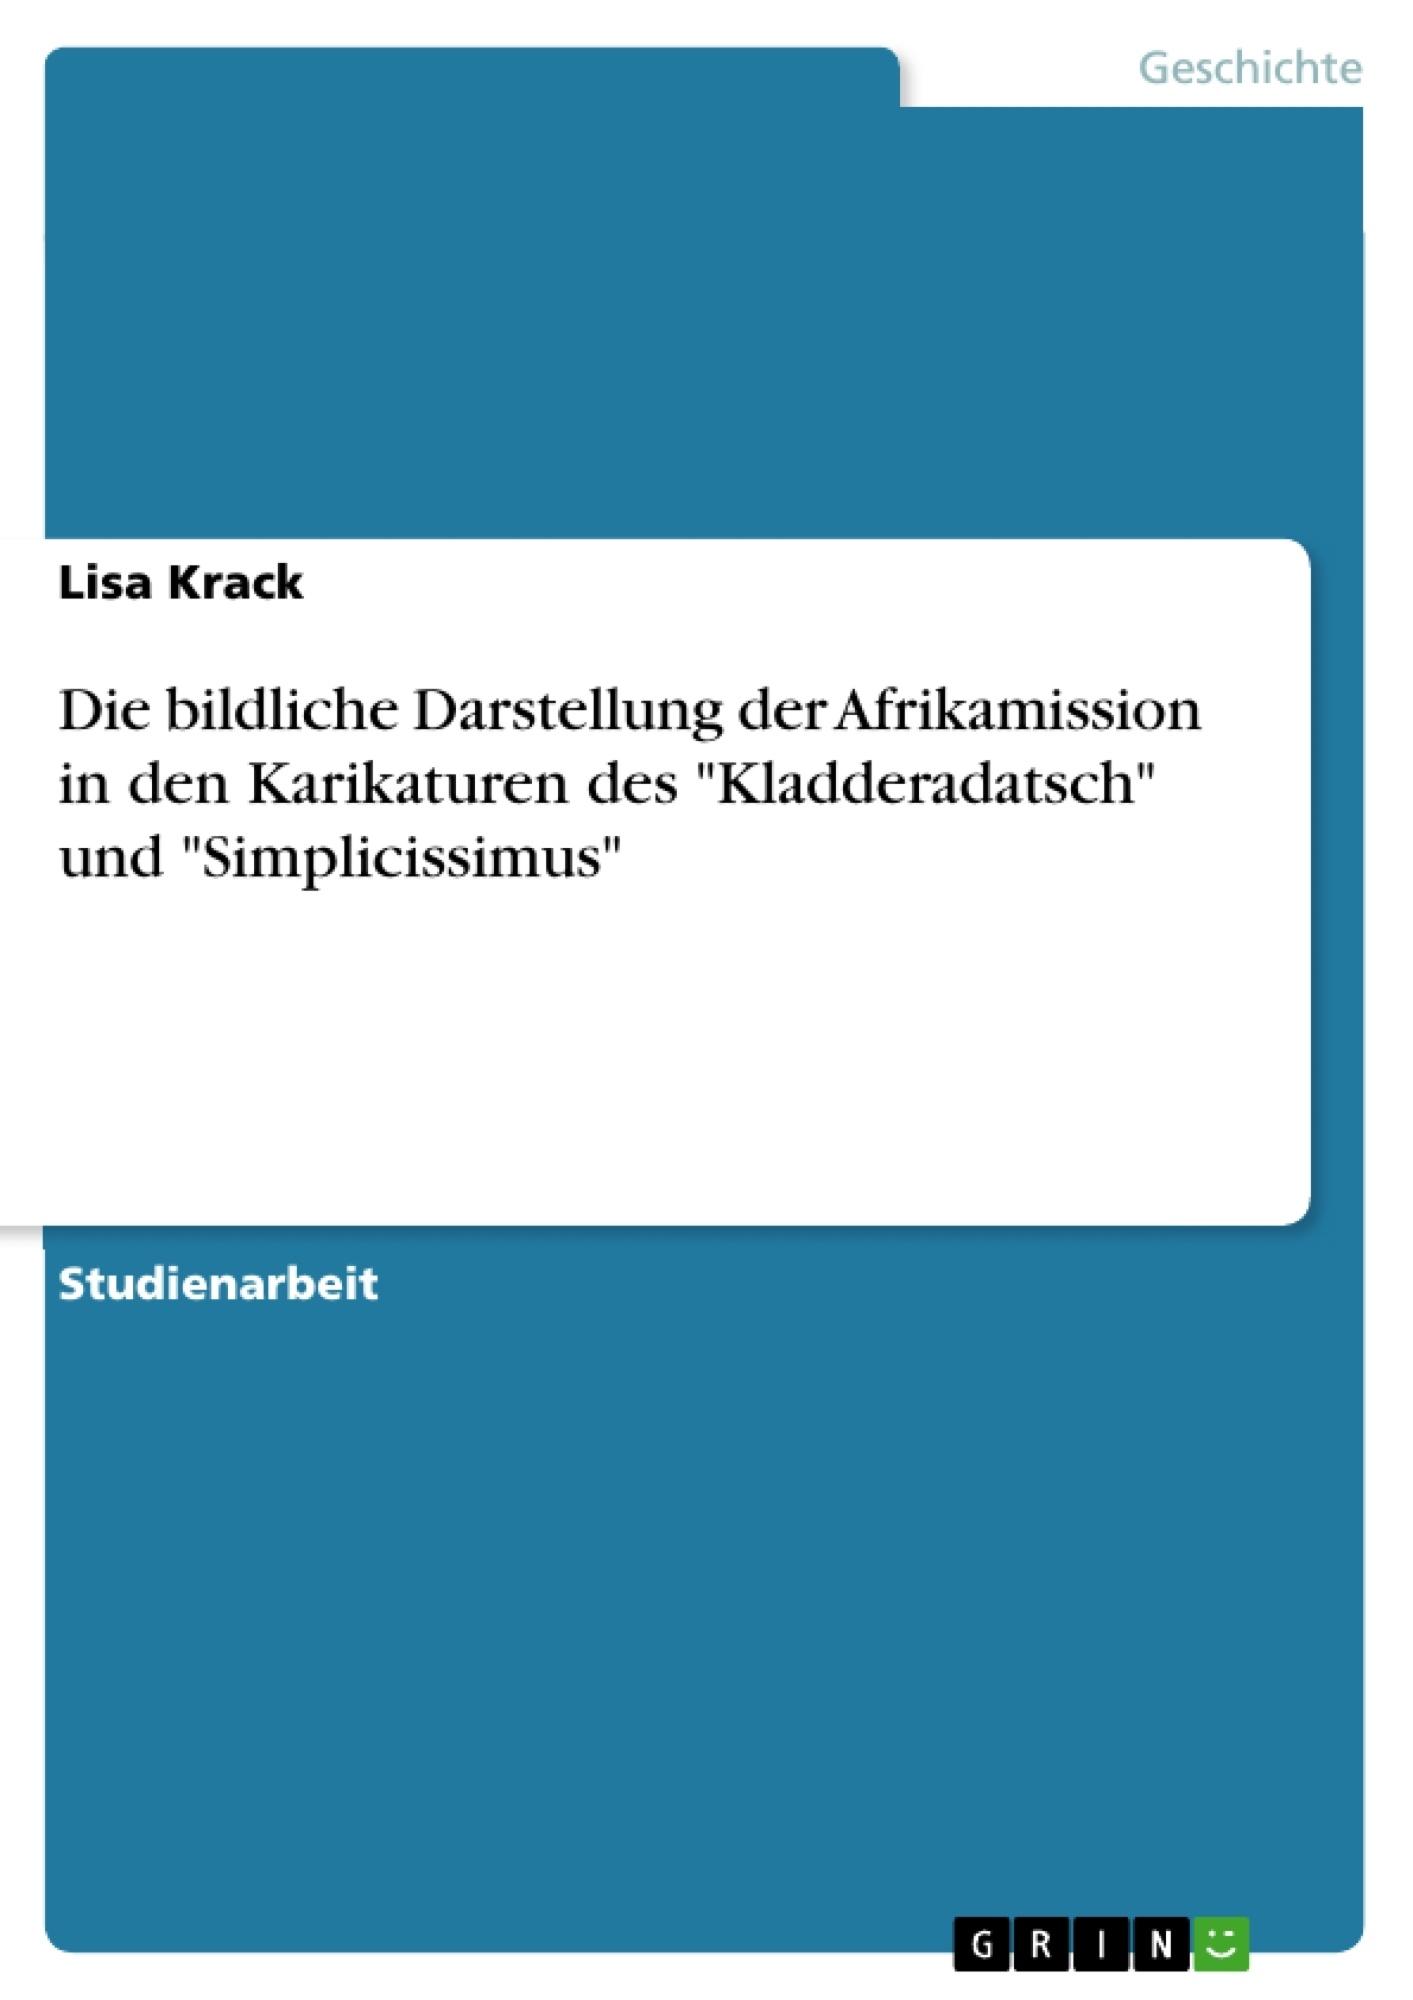 """Titel: Die bildliche Darstellung der Afrikamission in den Karikaturen des """"Kladderadatsch"""" und """"Simplicissimus"""""""